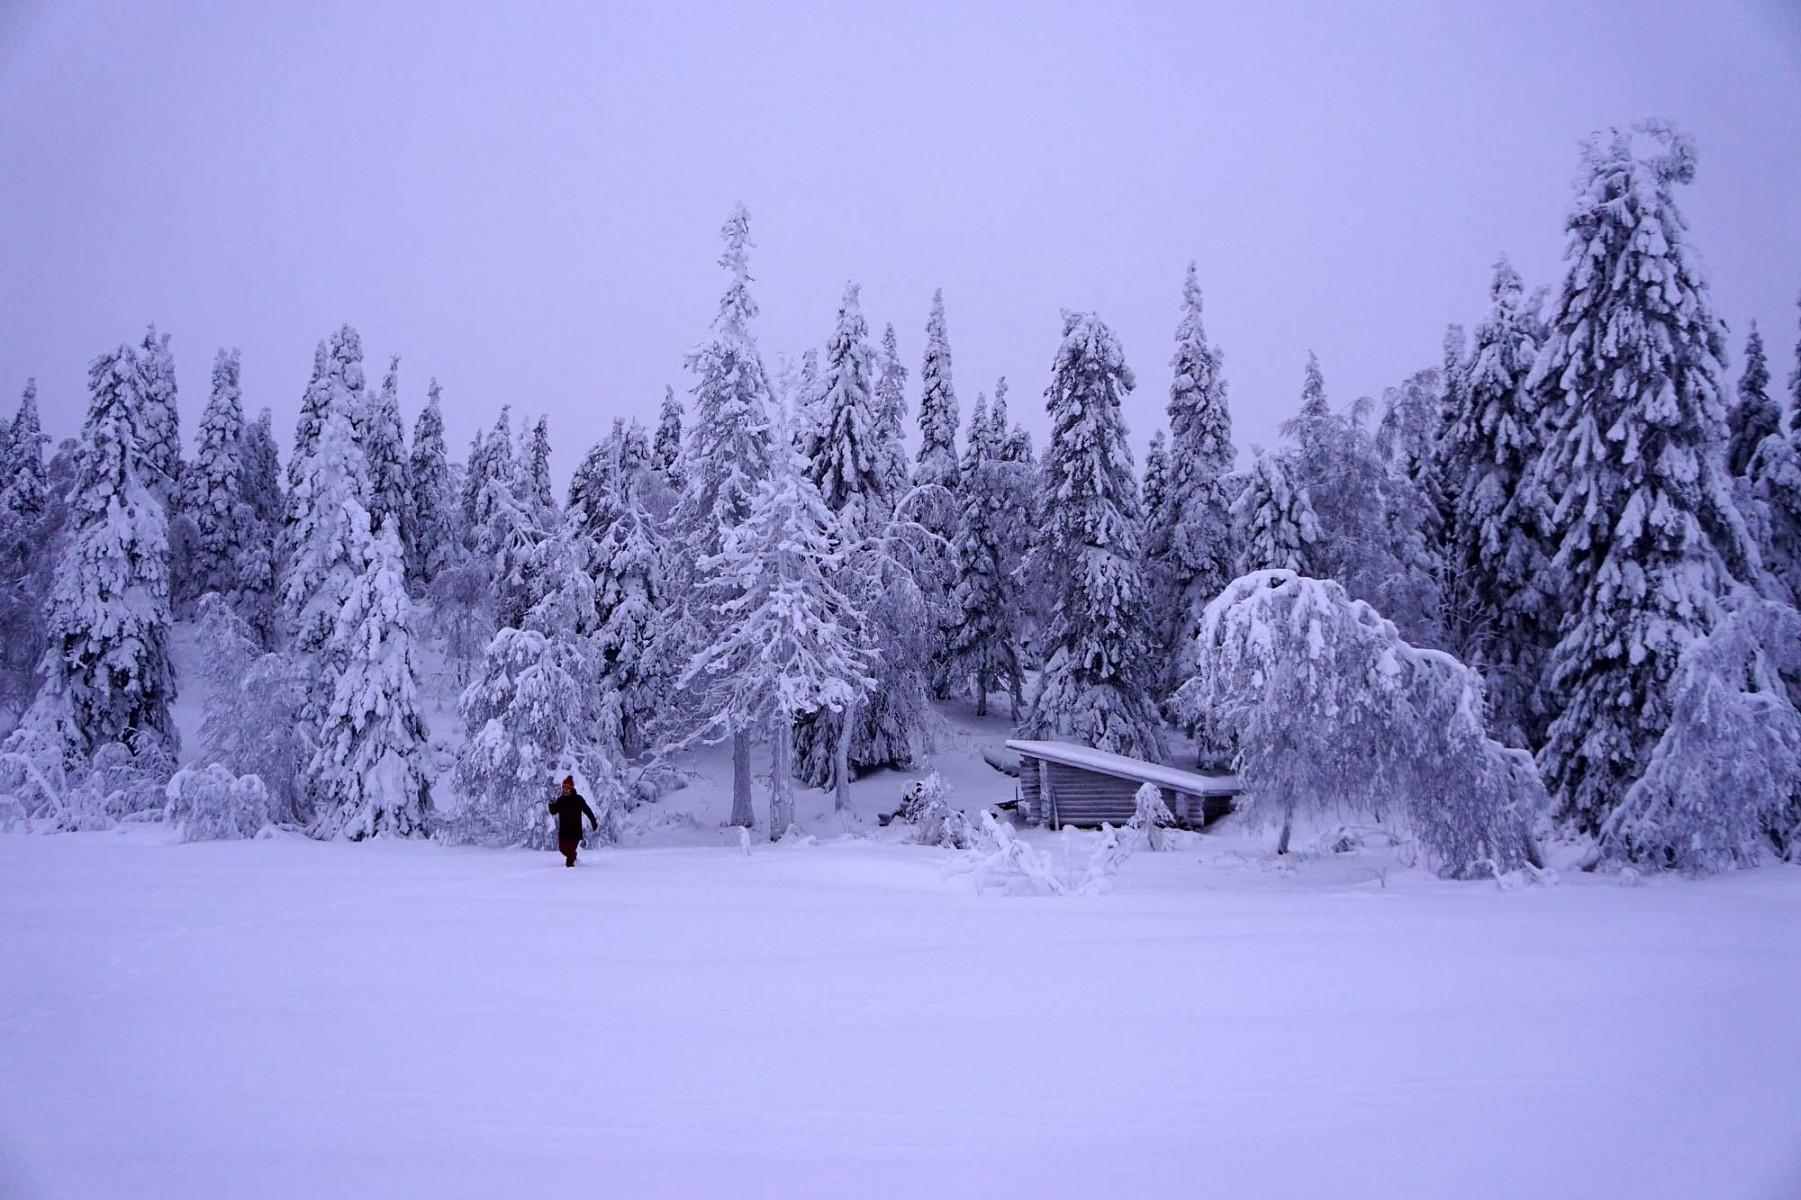 pWeiter-geht-es-uumlberkniehoch-durch-den-Schneenbspden-Wegnbspsuchendnbspin-einer-unwirklich-erscheinenden-Winterlandschaft-bis-zumnbspSee-Suolampnbspmit-Unterstandbr-br-quotDer-perfekte-letzte-Tag-in-Finnlandquotppemspan-stylecolor2980b9Mehr-von-und-uumlber-Hanna-Englernbspaufnbspspana-hrefhttpsverwanderwegencom-targetblankspan-stylecolor2980b9wwwverwanderwegencomspanaemp